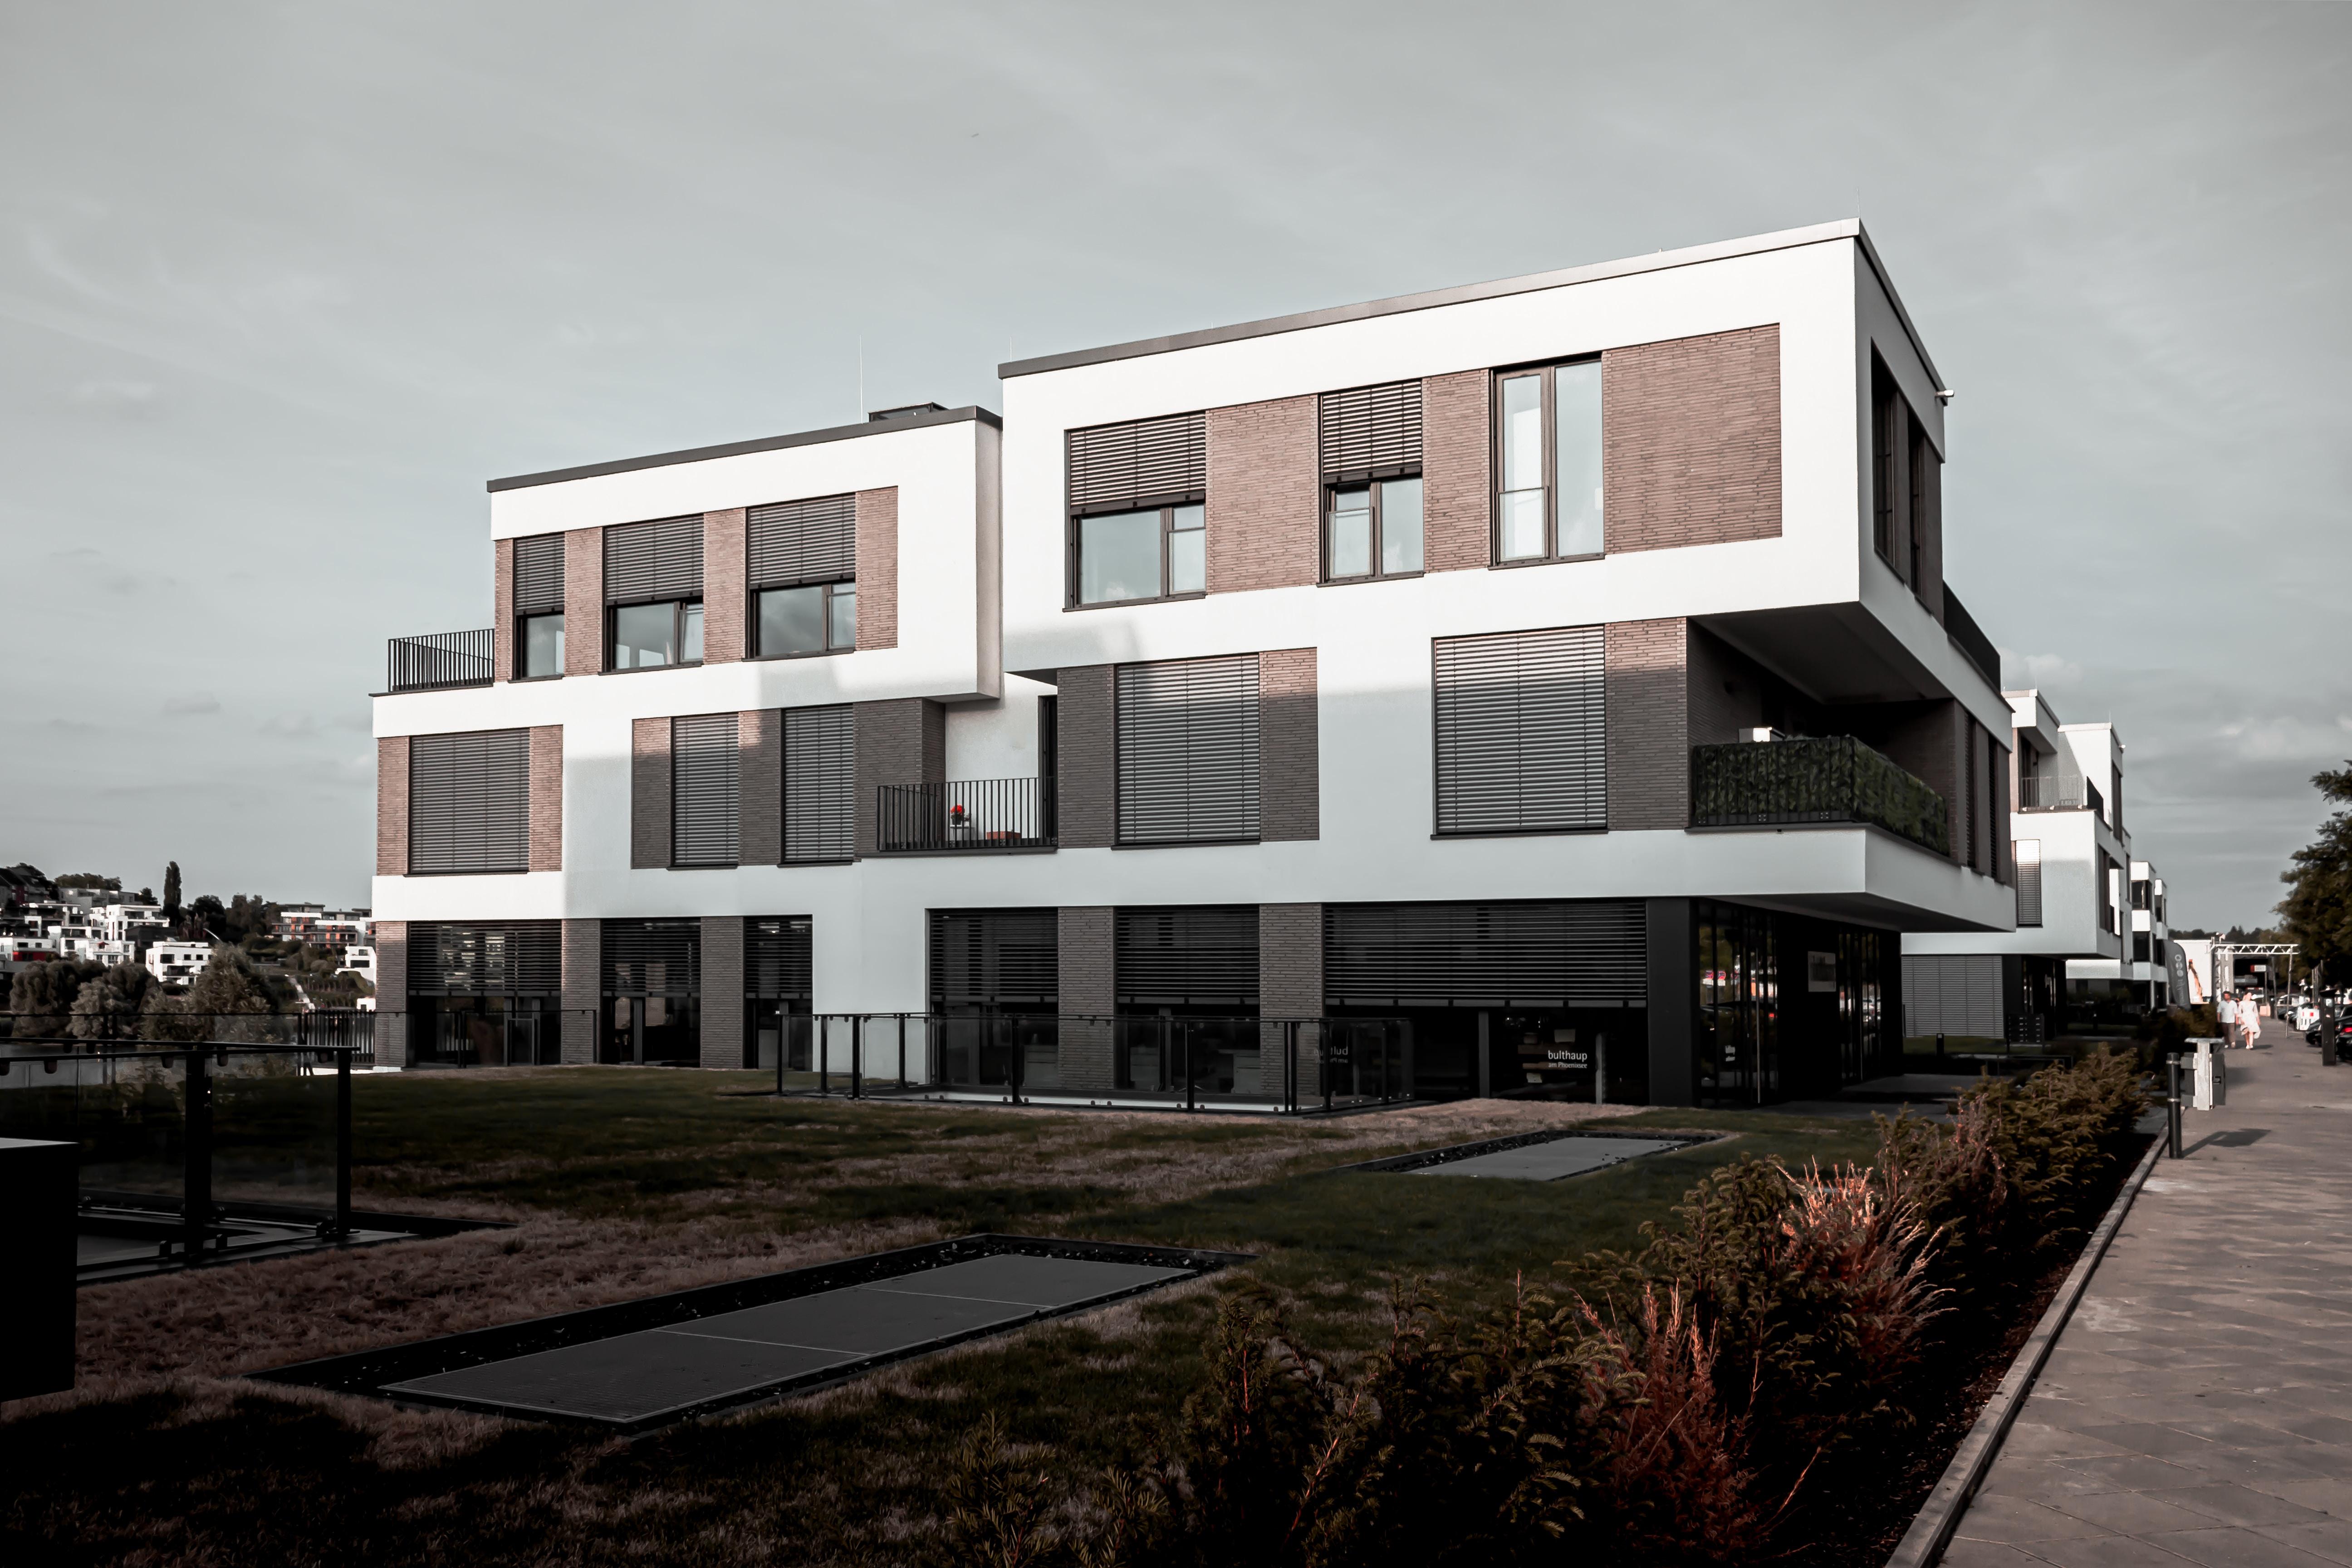 Liste der größten Projektentwickler und Bauträger in Dortmund